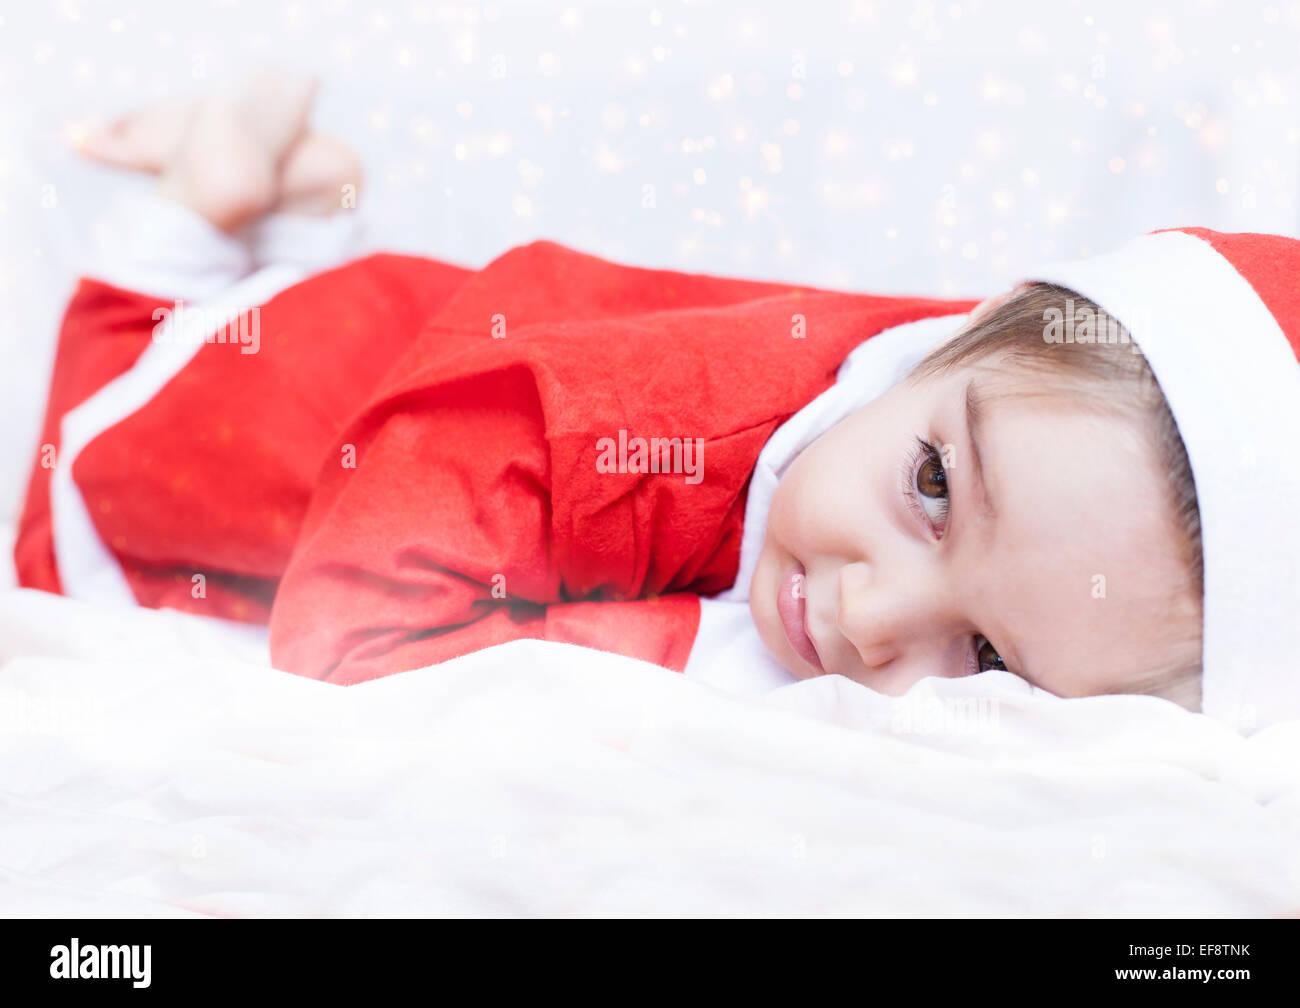 junge verkleidet als weihnachtsmann auf bett liegend stockfoto bild 78256351 alamy. Black Bedroom Furniture Sets. Home Design Ideas